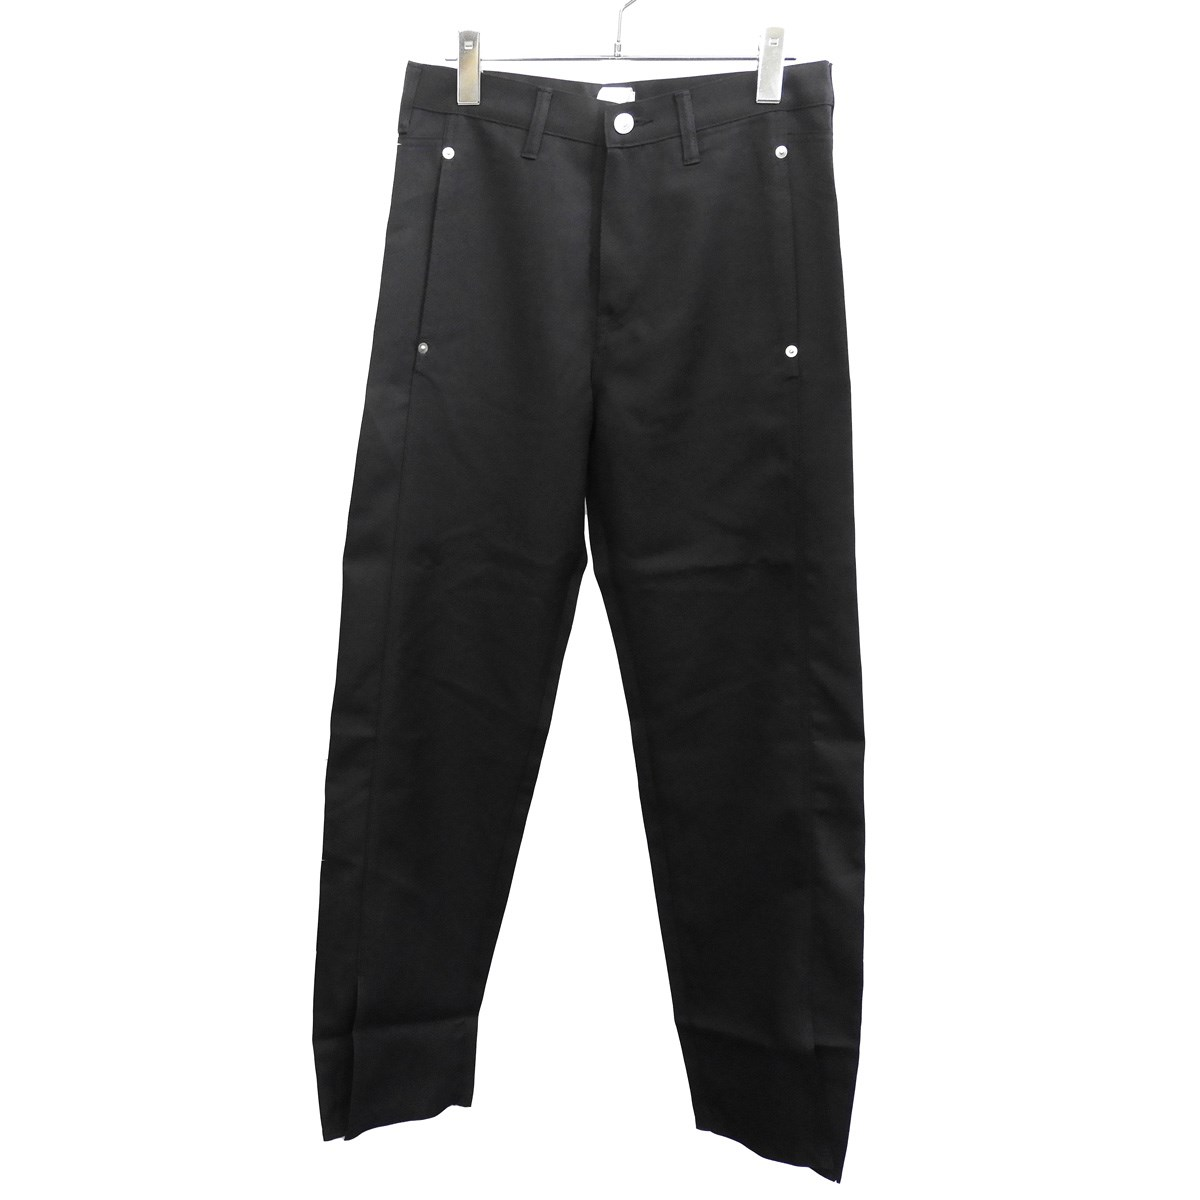 【中古】KAIKO 2019AW 「BUG PREST」パンツ ブラック サイズ:1 【291119】(カイコー)